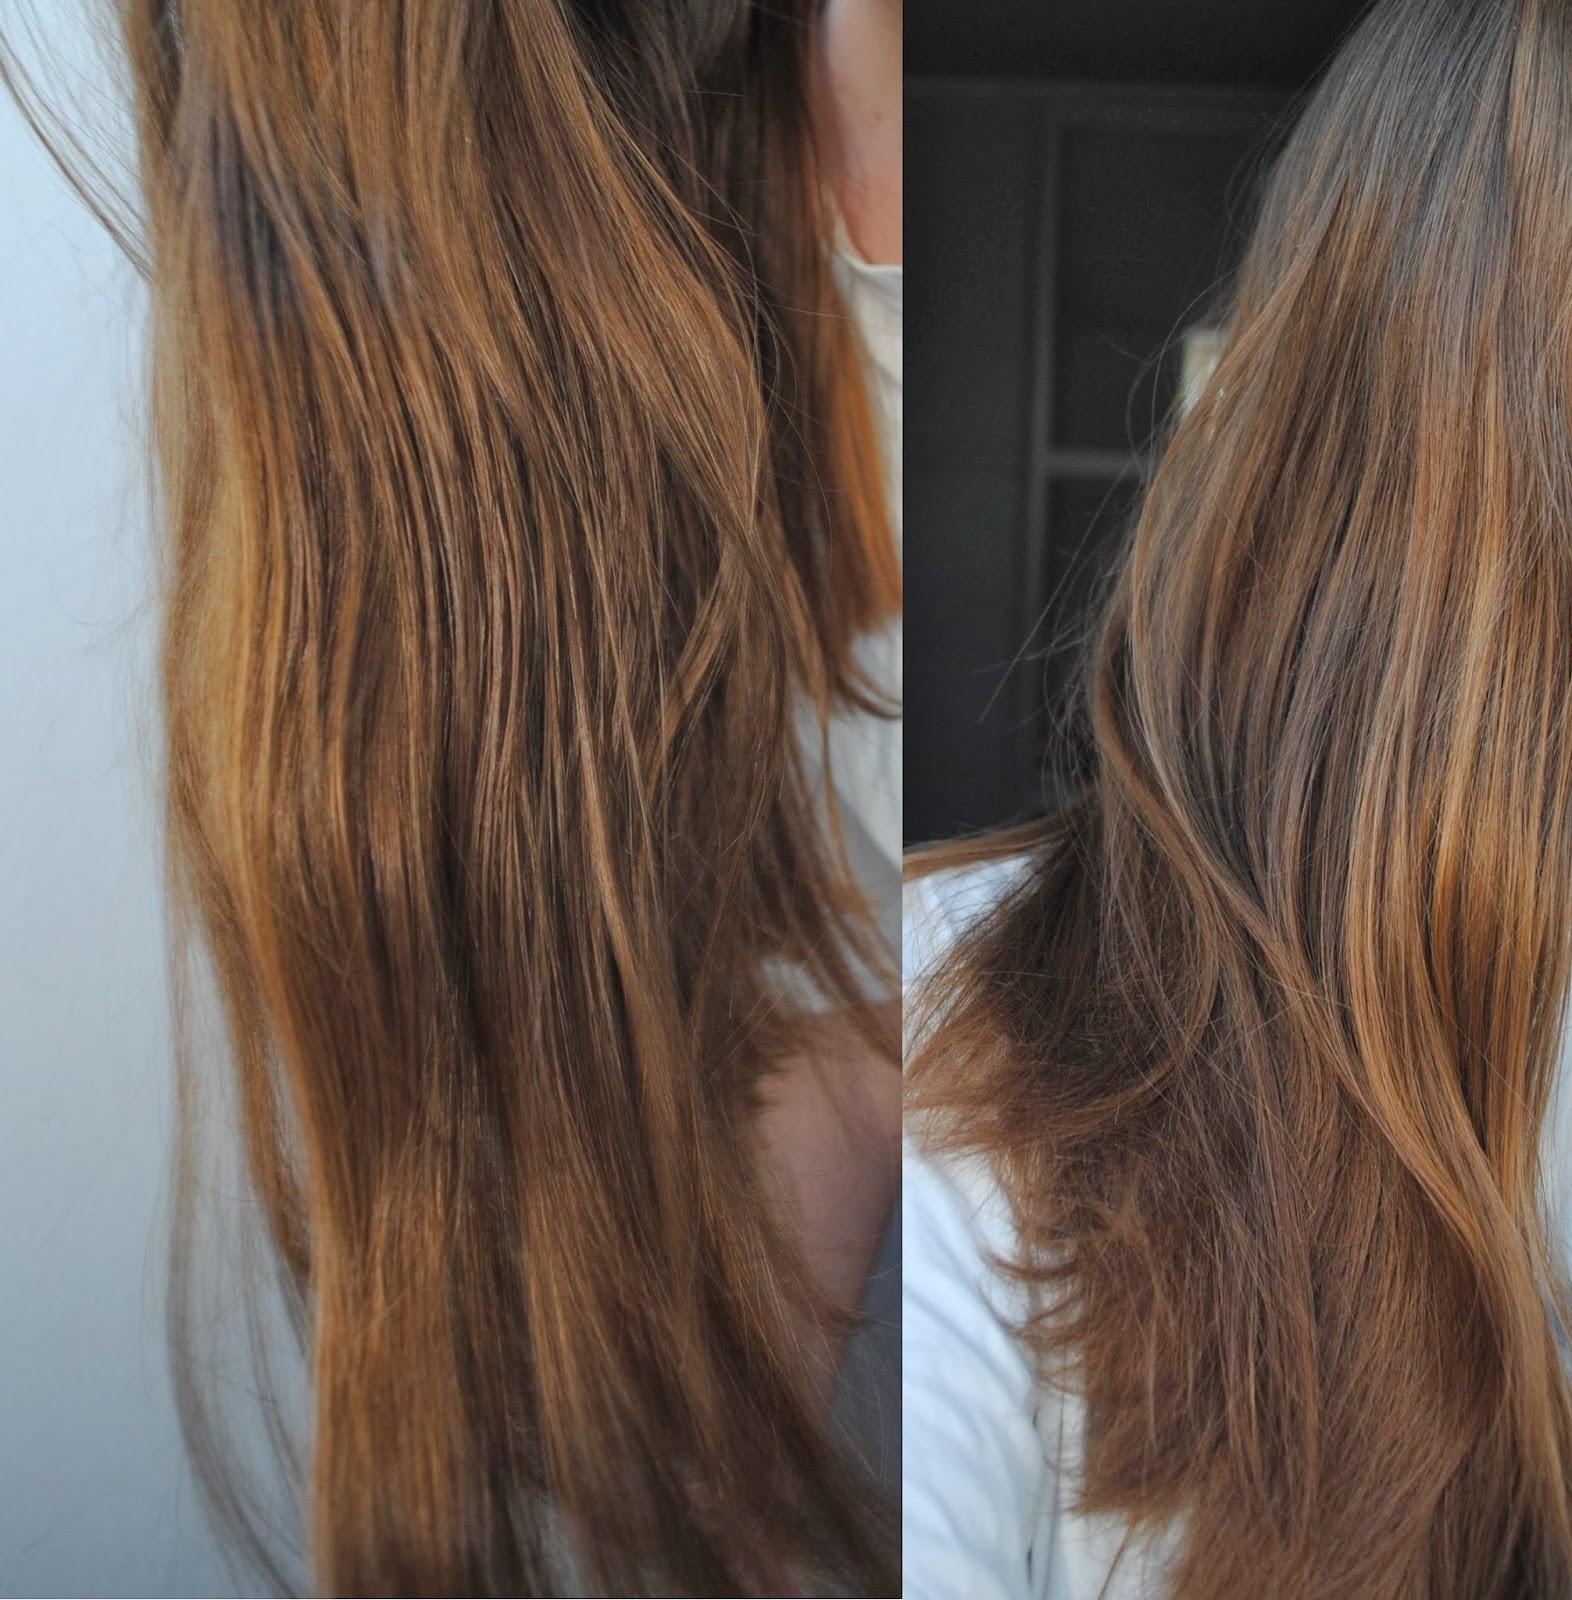 les reflets en question ces deux photos ont t prises aprs la 1re application - Gele Claircissante Garnier Sur Cheveux Colors